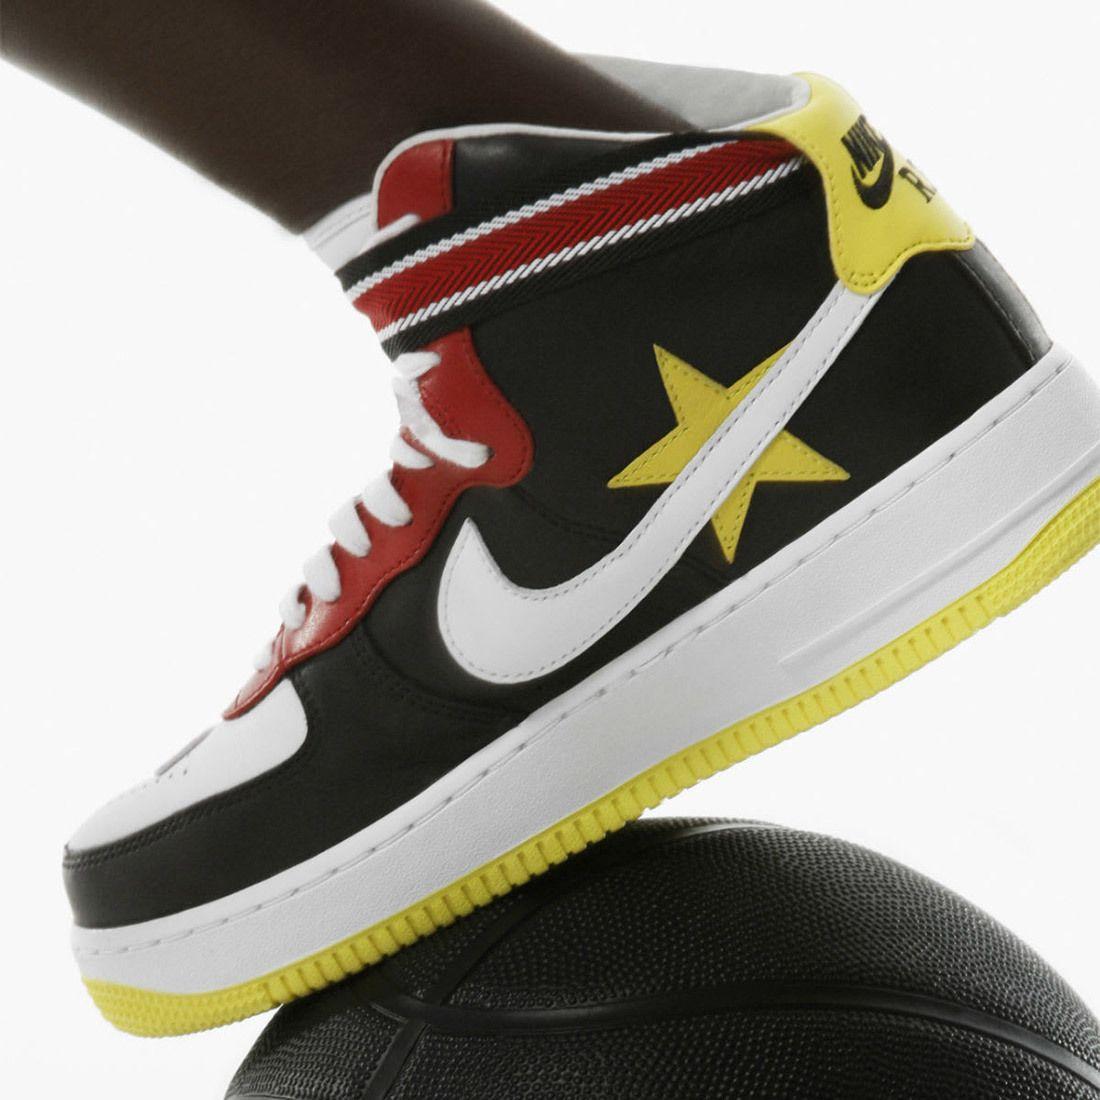 Nike Lab Riccardo Tisci Victorious Minotaurs 2018 All Star Sneaker Freaker 14